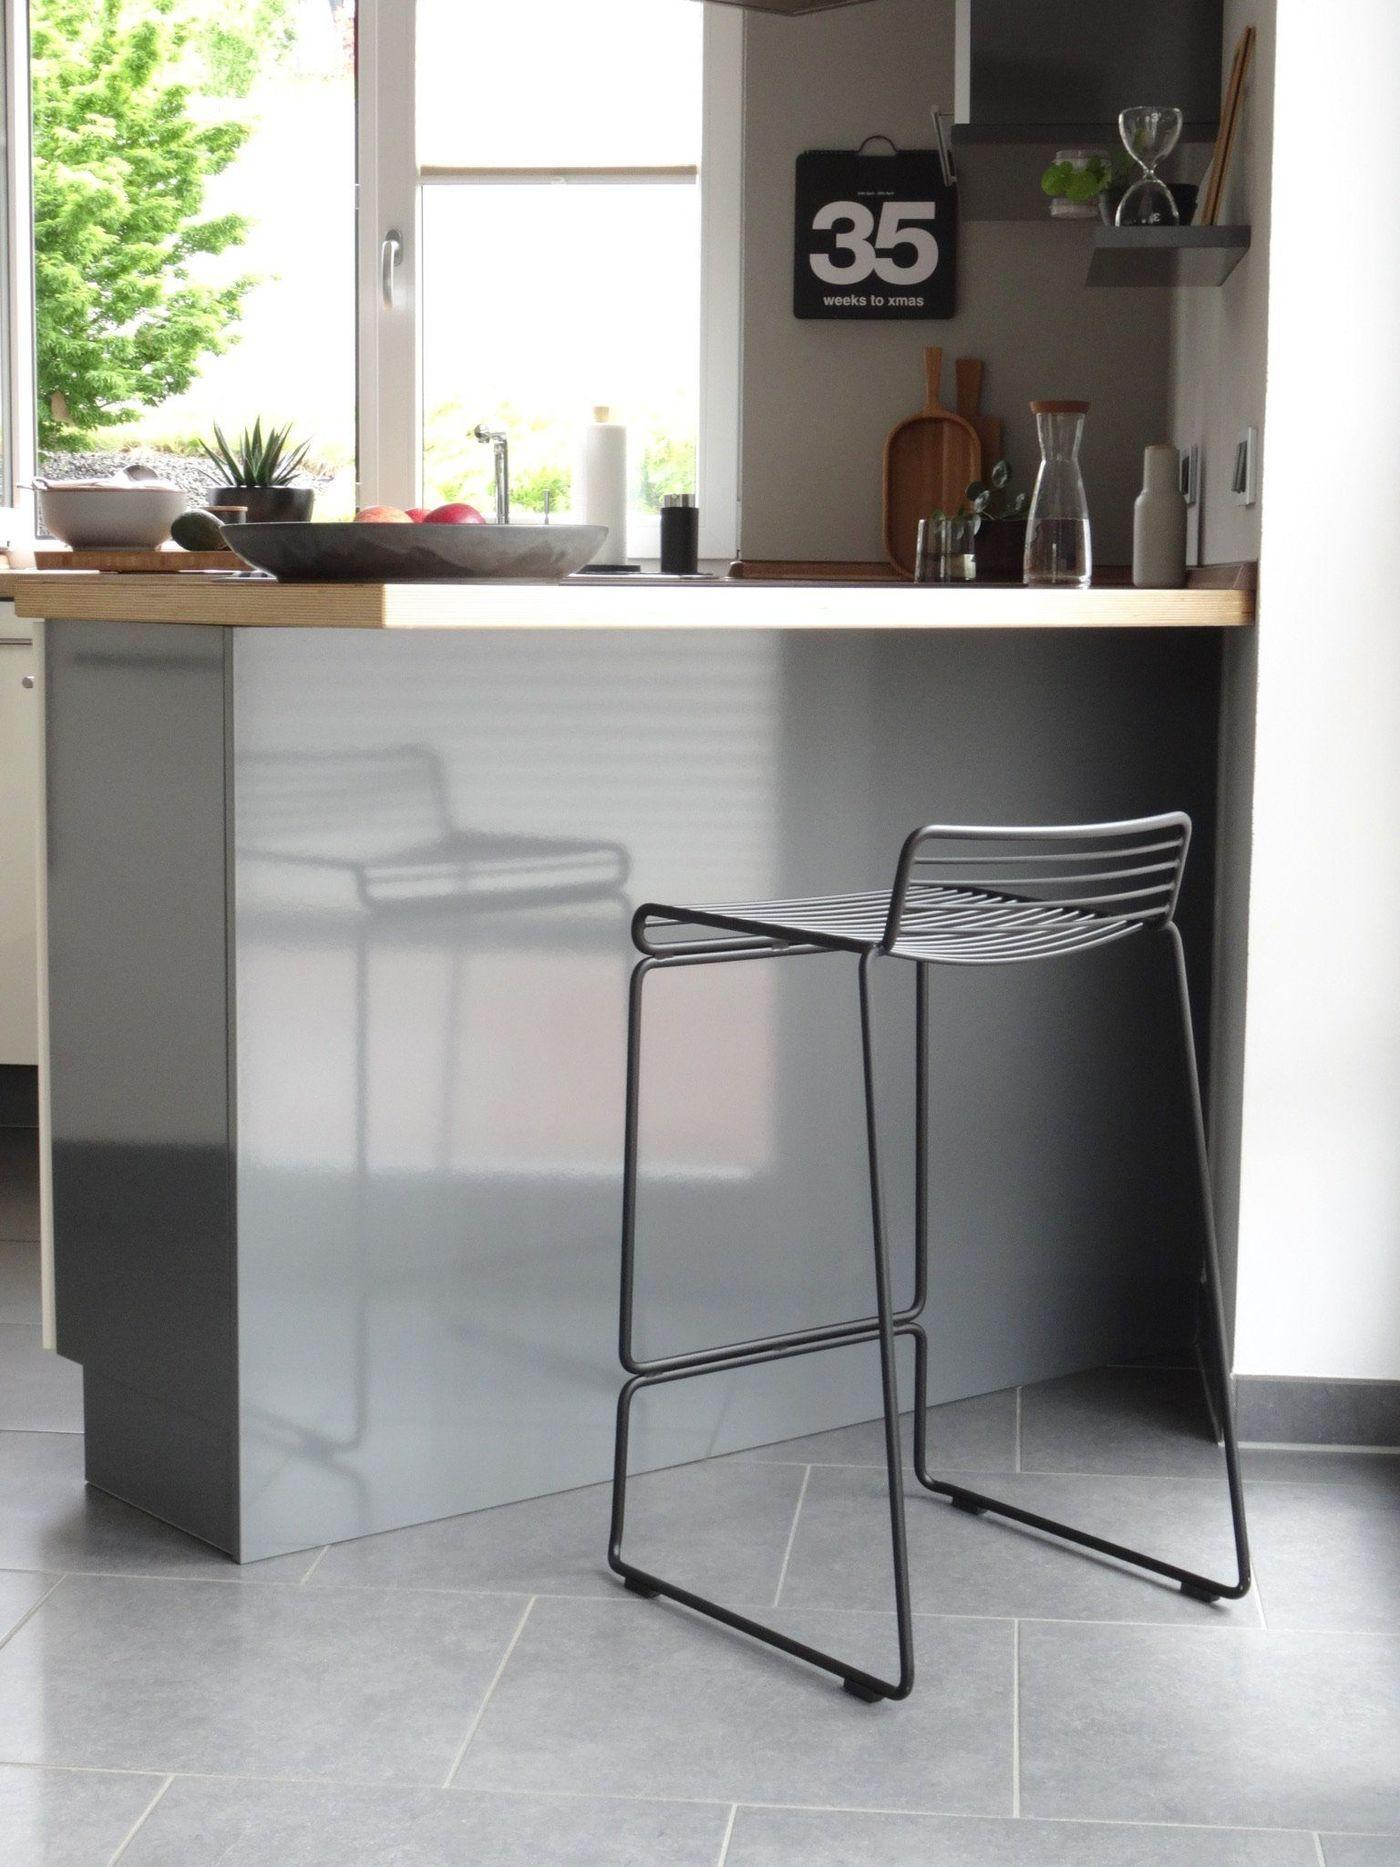 die sch nsten k chen ideen seite 28. Black Bedroom Furniture Sets. Home Design Ideas